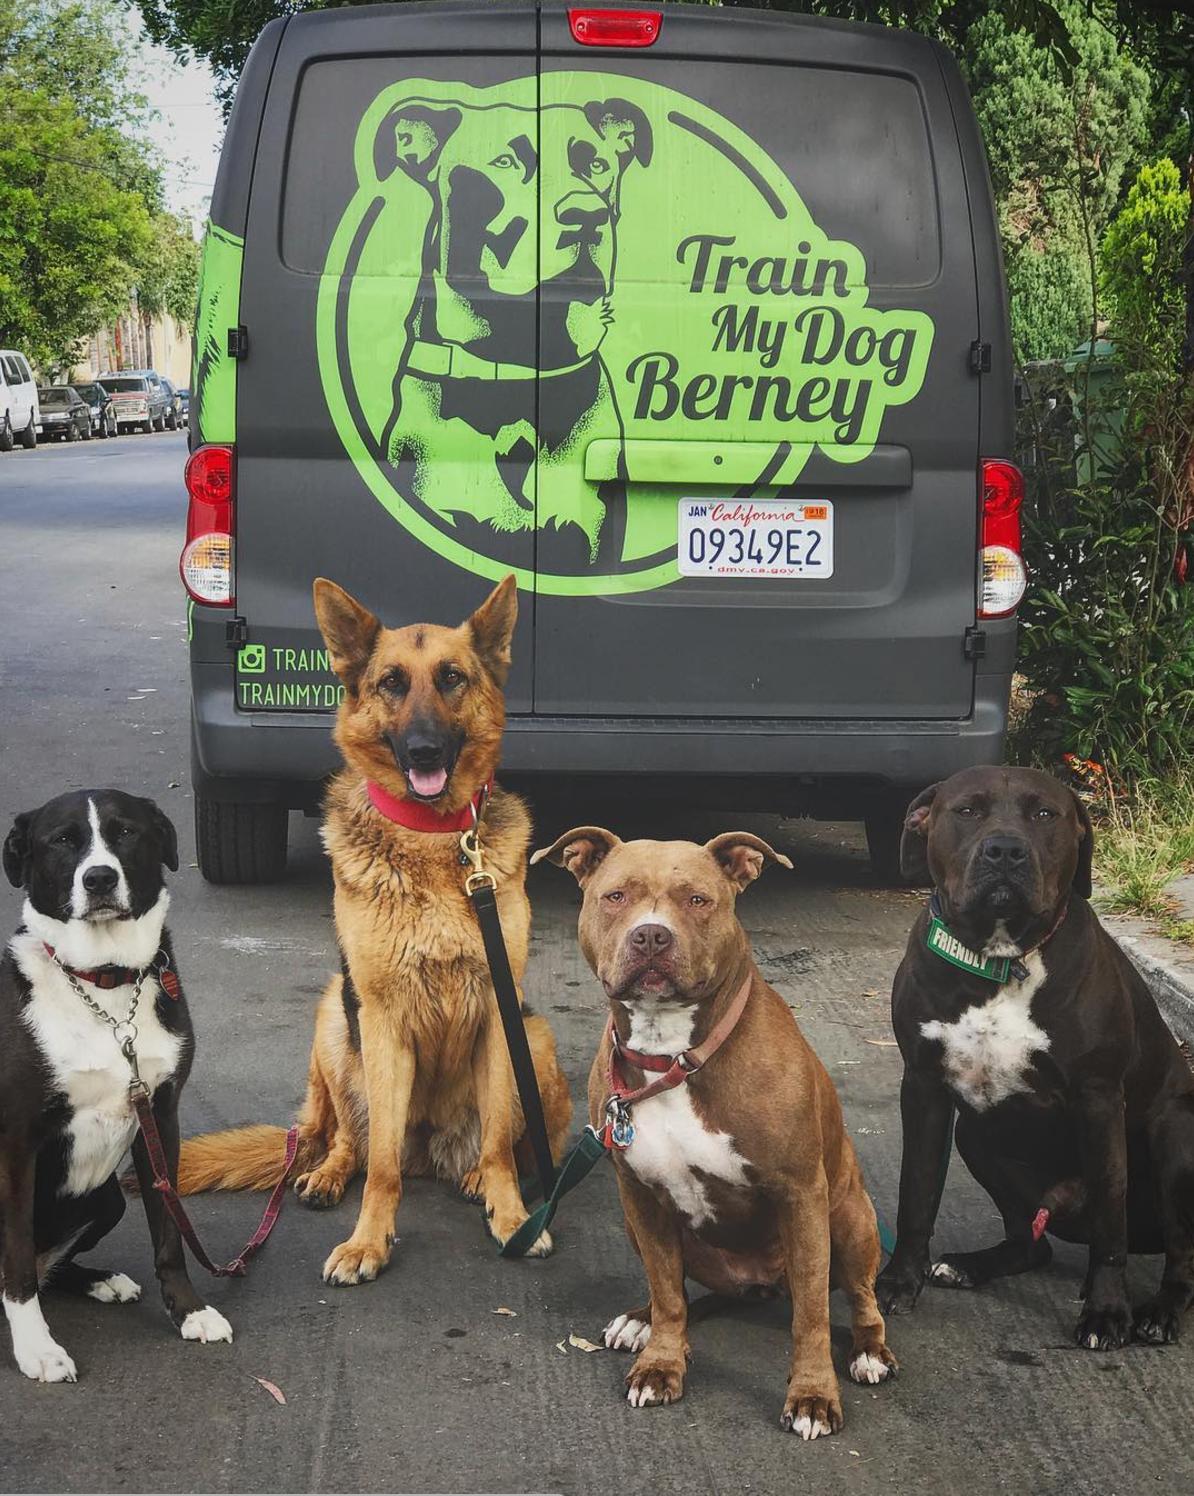 Train My Dog Berney Brand Design | EyeSavvy Design | Kiki Bakowski | Brand Design Studio #BrandDesign #BrandDesignInspiration #BrandIdentity #Logo #Marketing #Design #BrandInspiration #TshirtDesign #VisualBrand